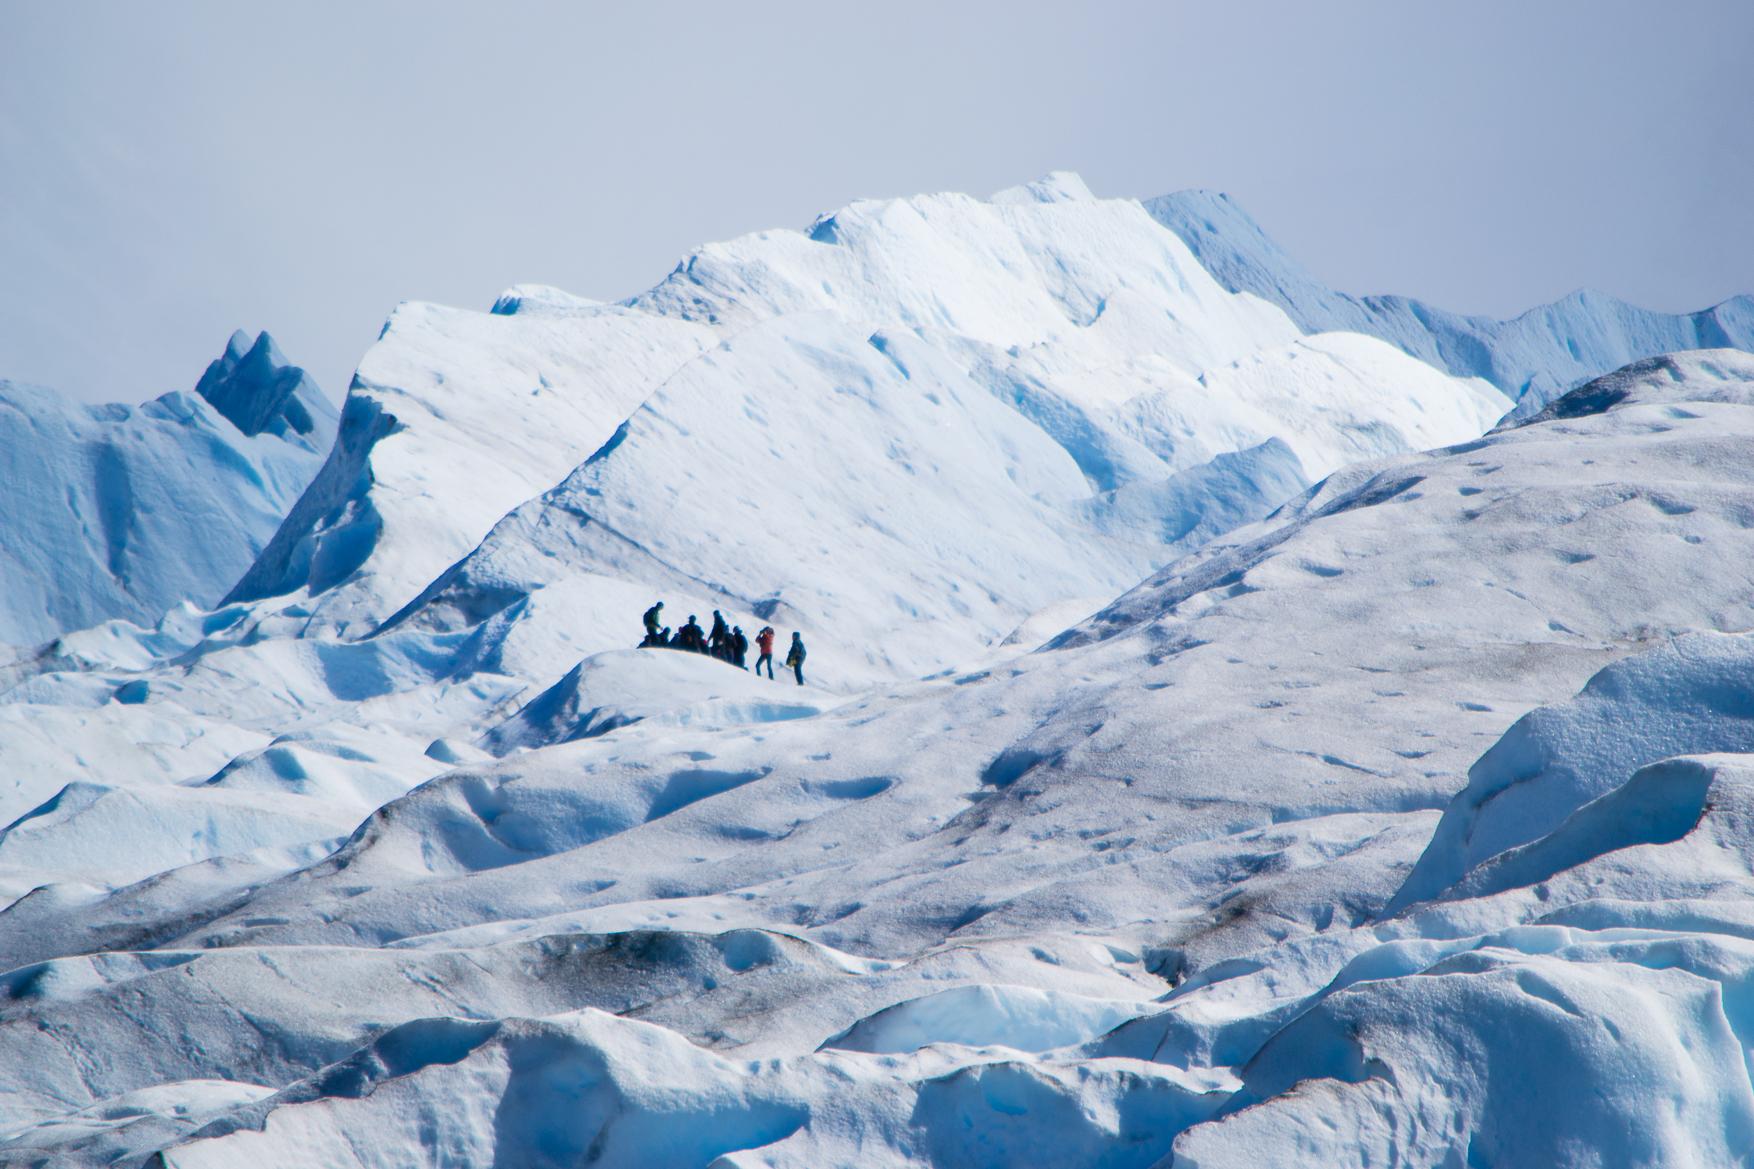 ペリトモレノ氷河トレッキング